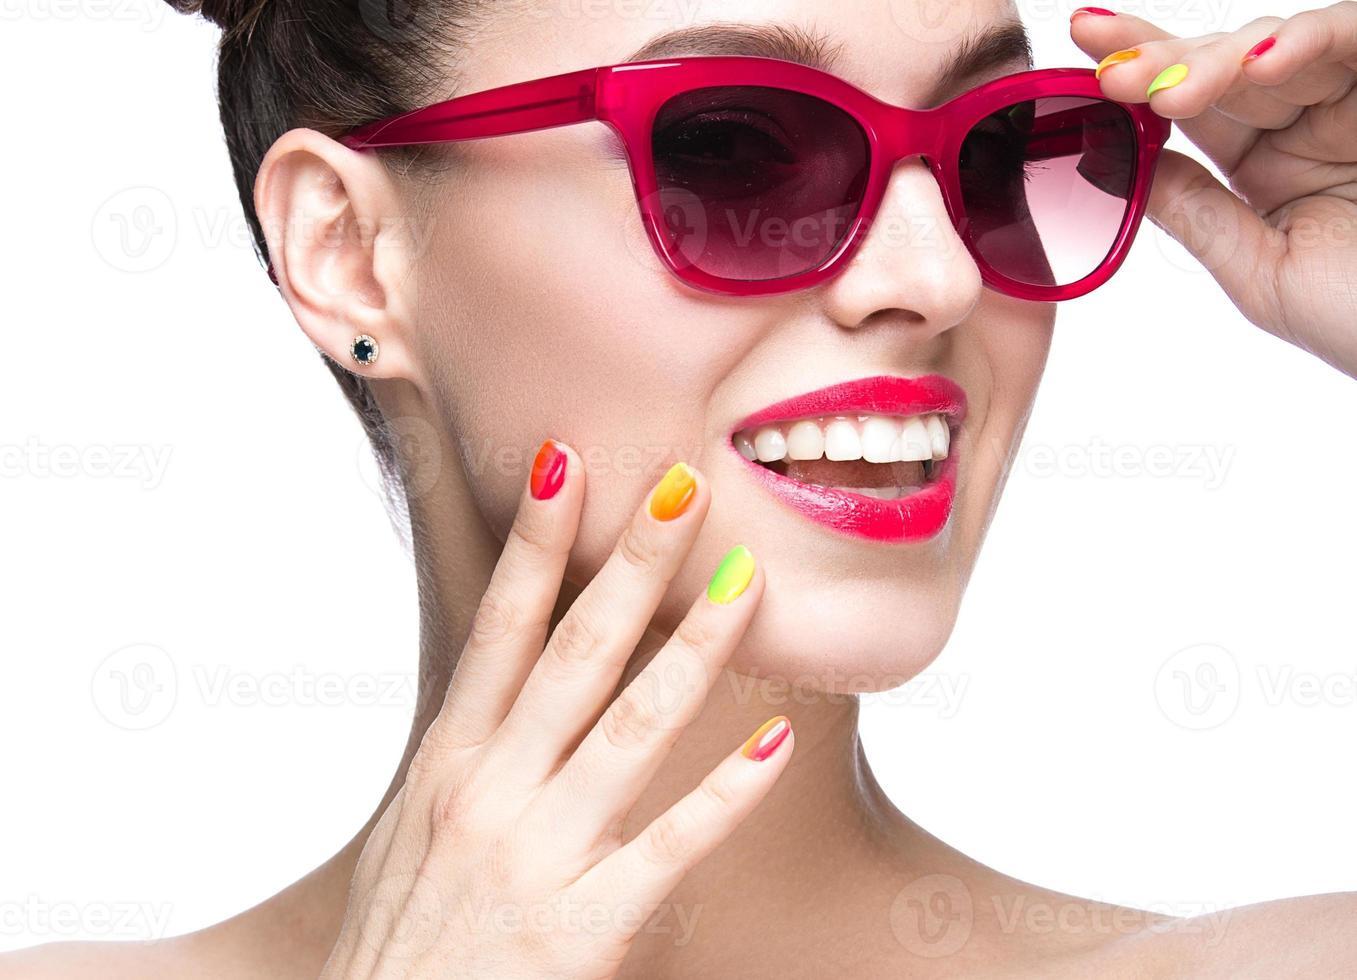 ragazza in occhiali da sole rossi con trucco luminoso e unghie colorate. foto